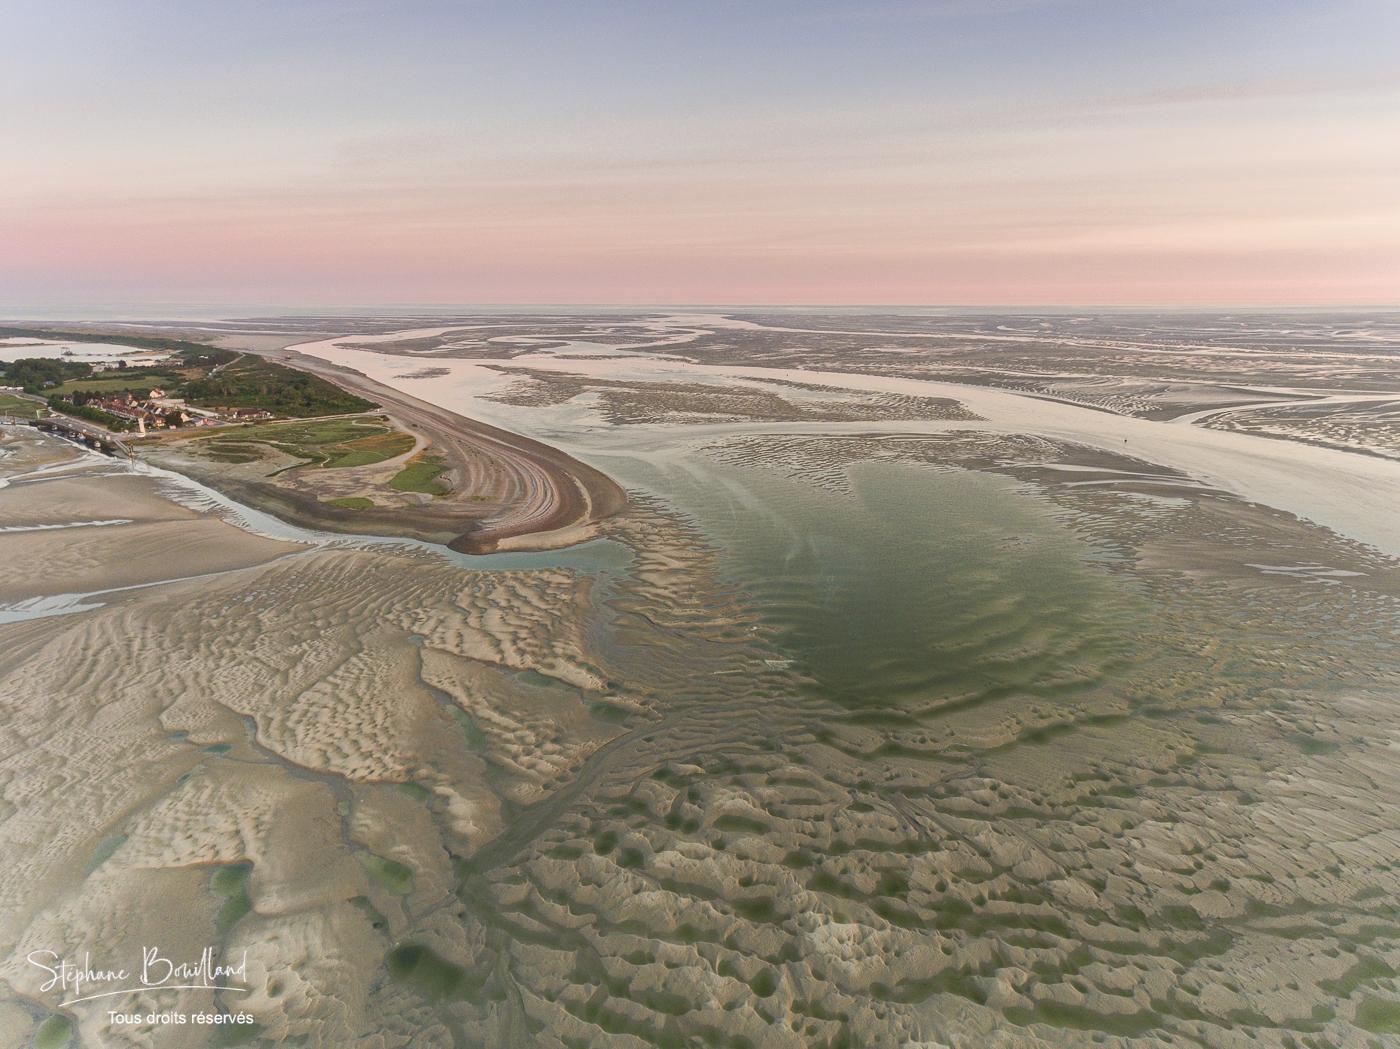 France, Somme (80), Baie de Somme, Le Hourdel, La pointe du Hourdel et les bancs de sable de la baie de Somme à marée basse (vue aérienne) ; le chenal de la Somme s'étend jusqu'à la mer // France, Somme (80), Bay of Somme, Le Hourdel, The tip of the Hourdel and the sand banks of the Bay of Somme at low tide (aerial view); the channel of the Somme extends to the sea